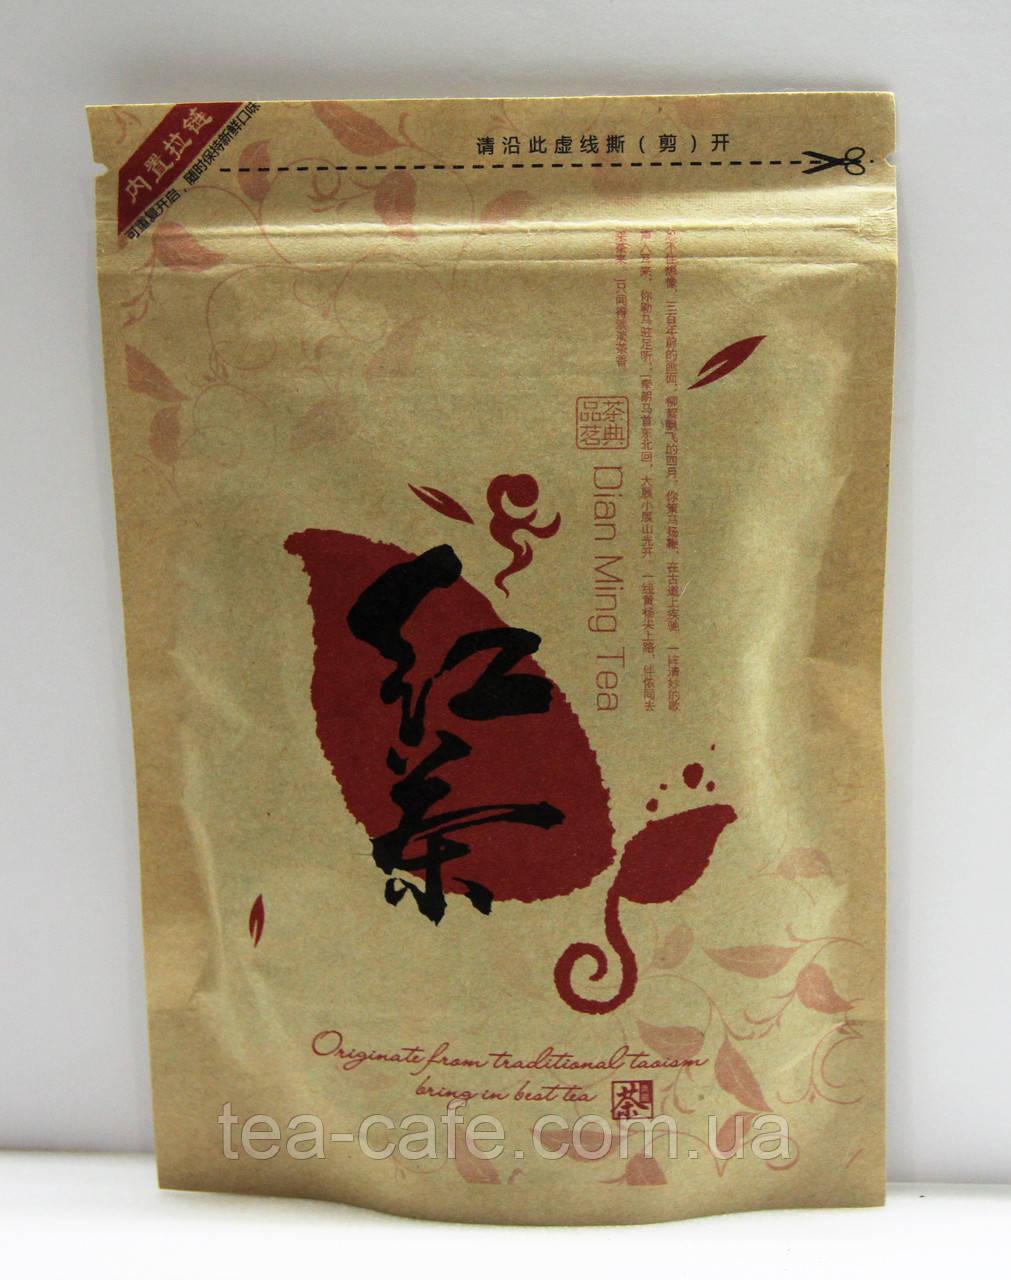 Чай Китайский ПуЭр Шу (черный) Дворцовый 50гр